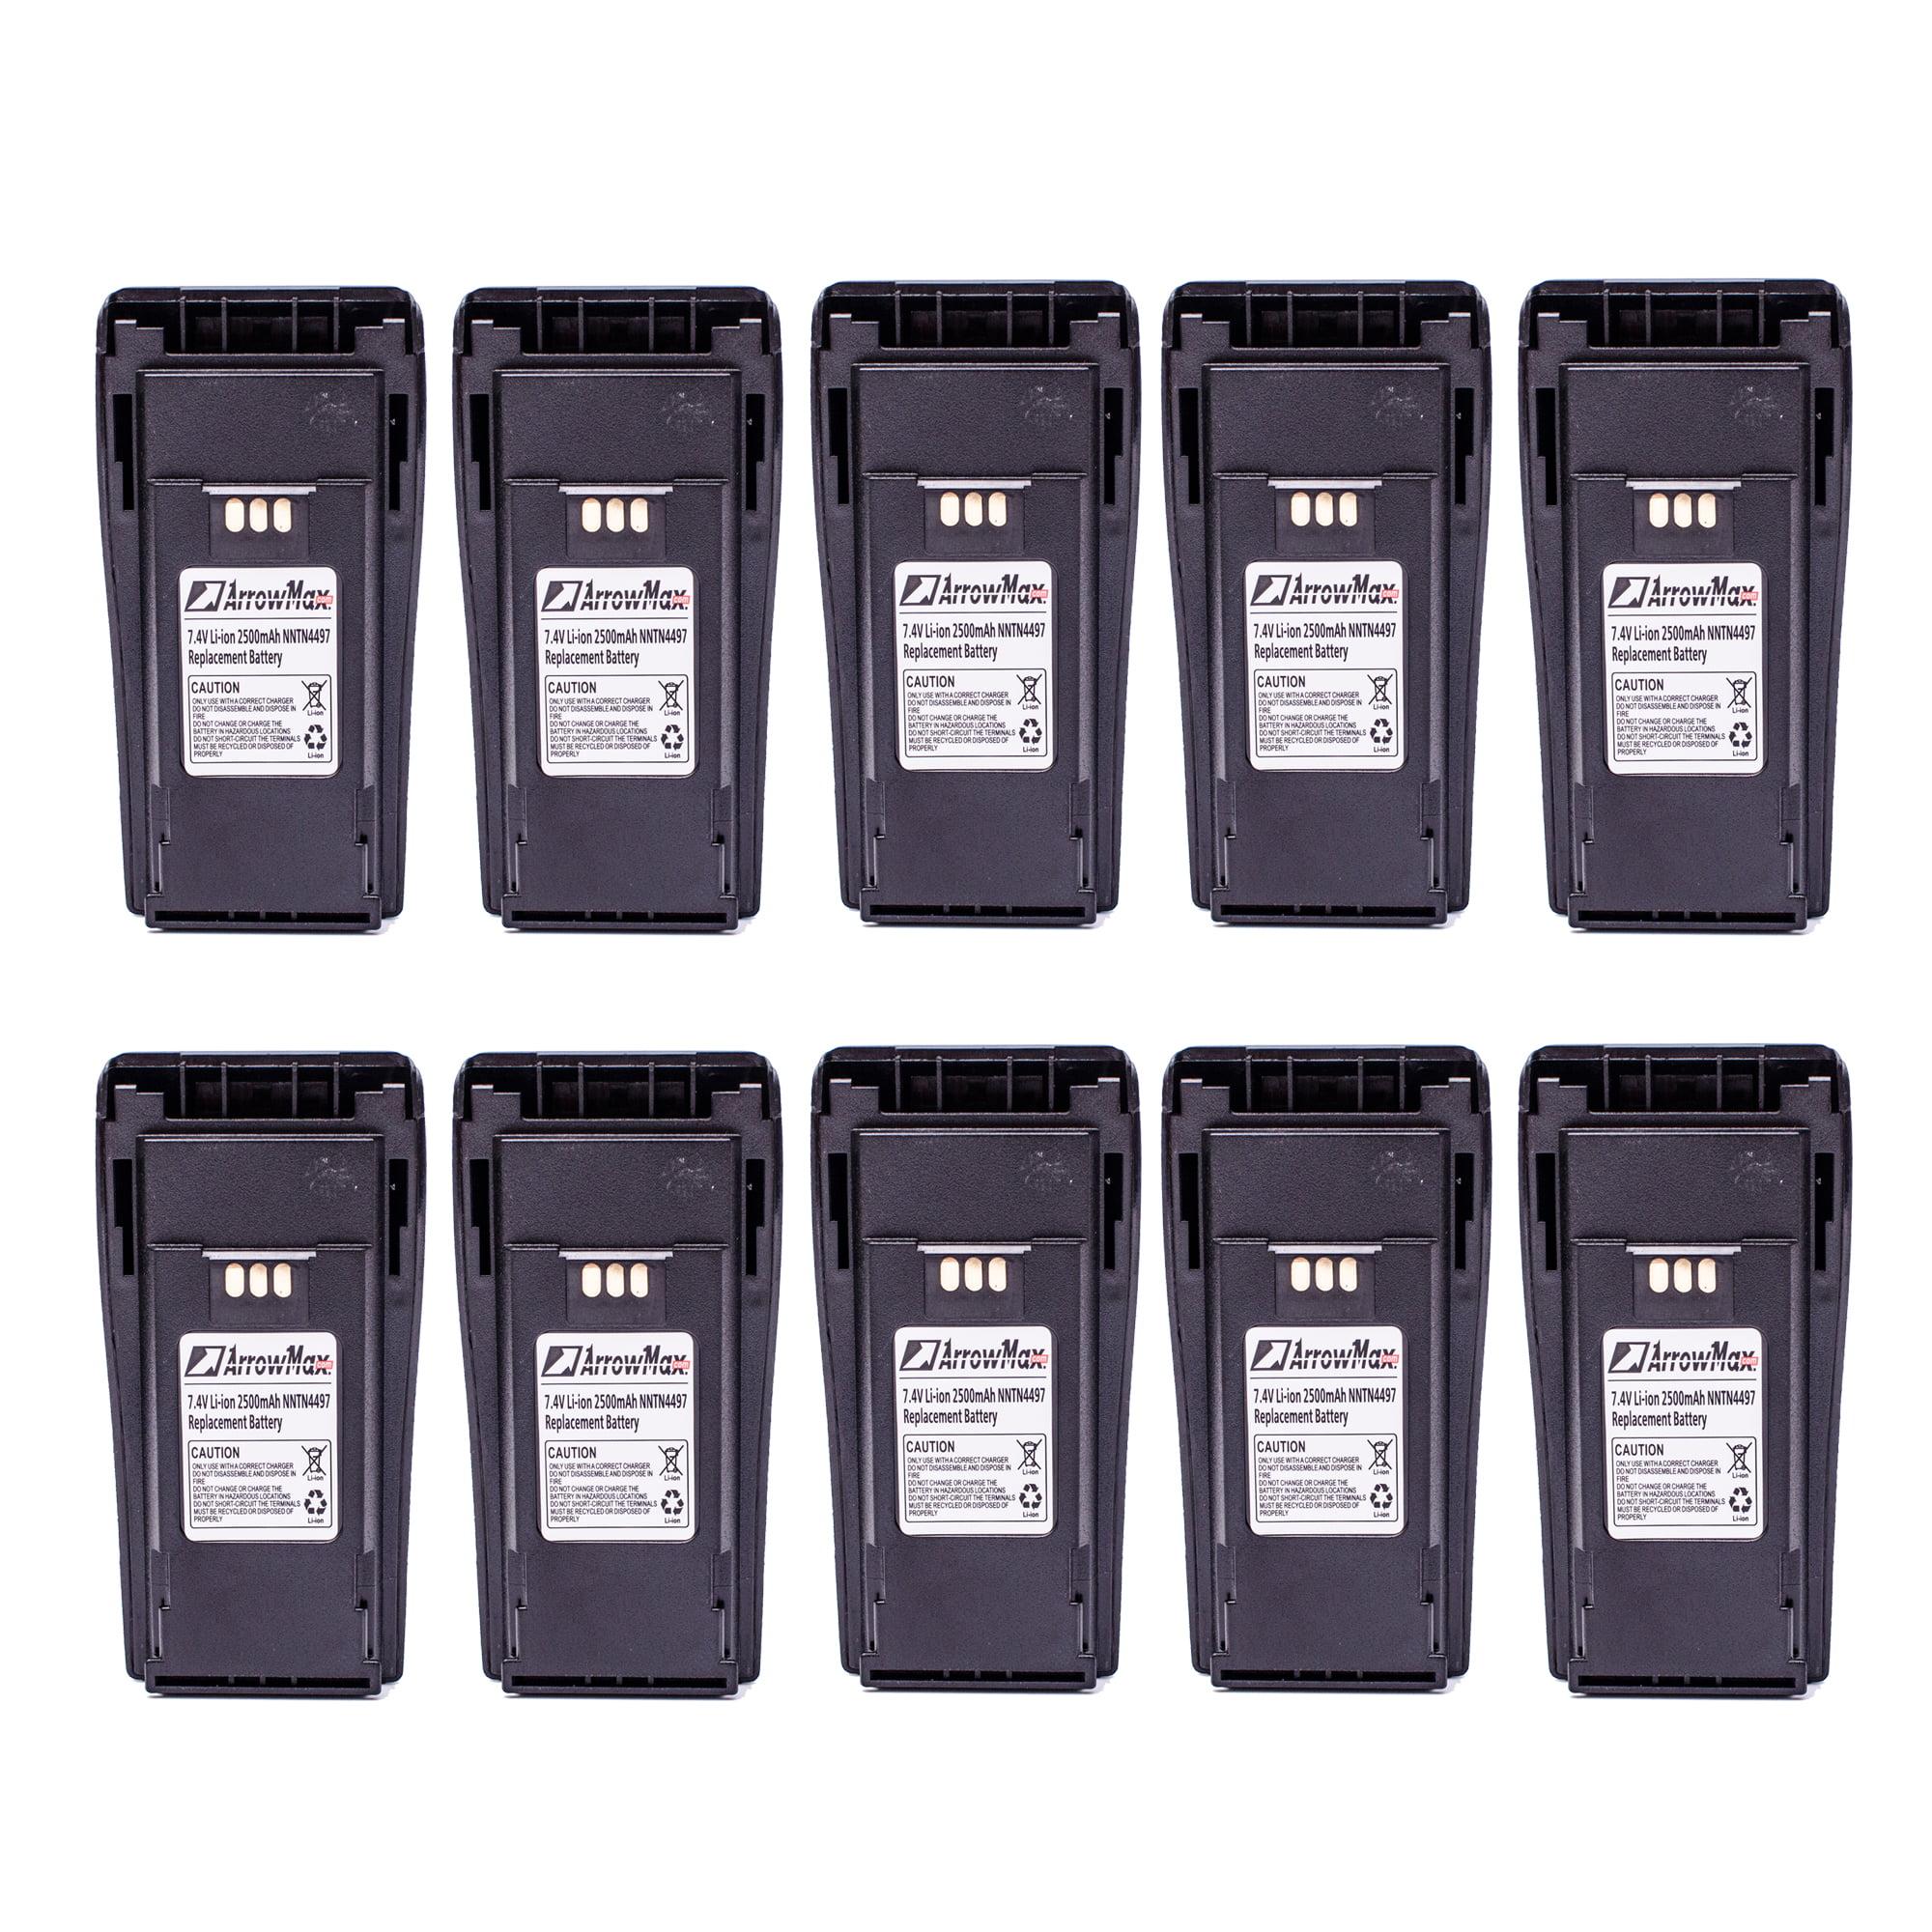 10 Pack Maxtop AMCL4497-2500-D NNTN4497 2500mAh High Capi...